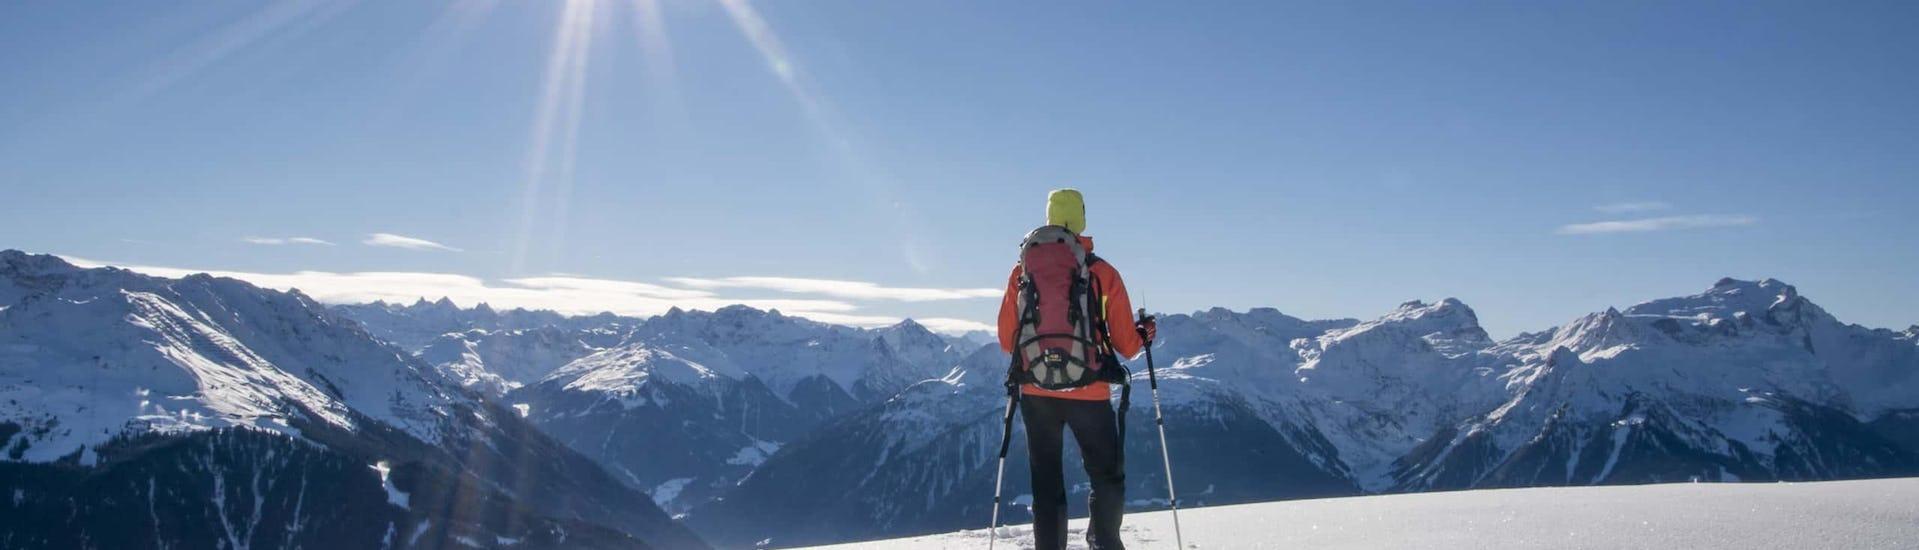 """Eine Person blickt bei der Aktivität """"Schneeschuhtour zum Gipfel"""" mit dem Anbieter Mountain Sports Mayrhofen auf das umliegende Bergpanorama."""